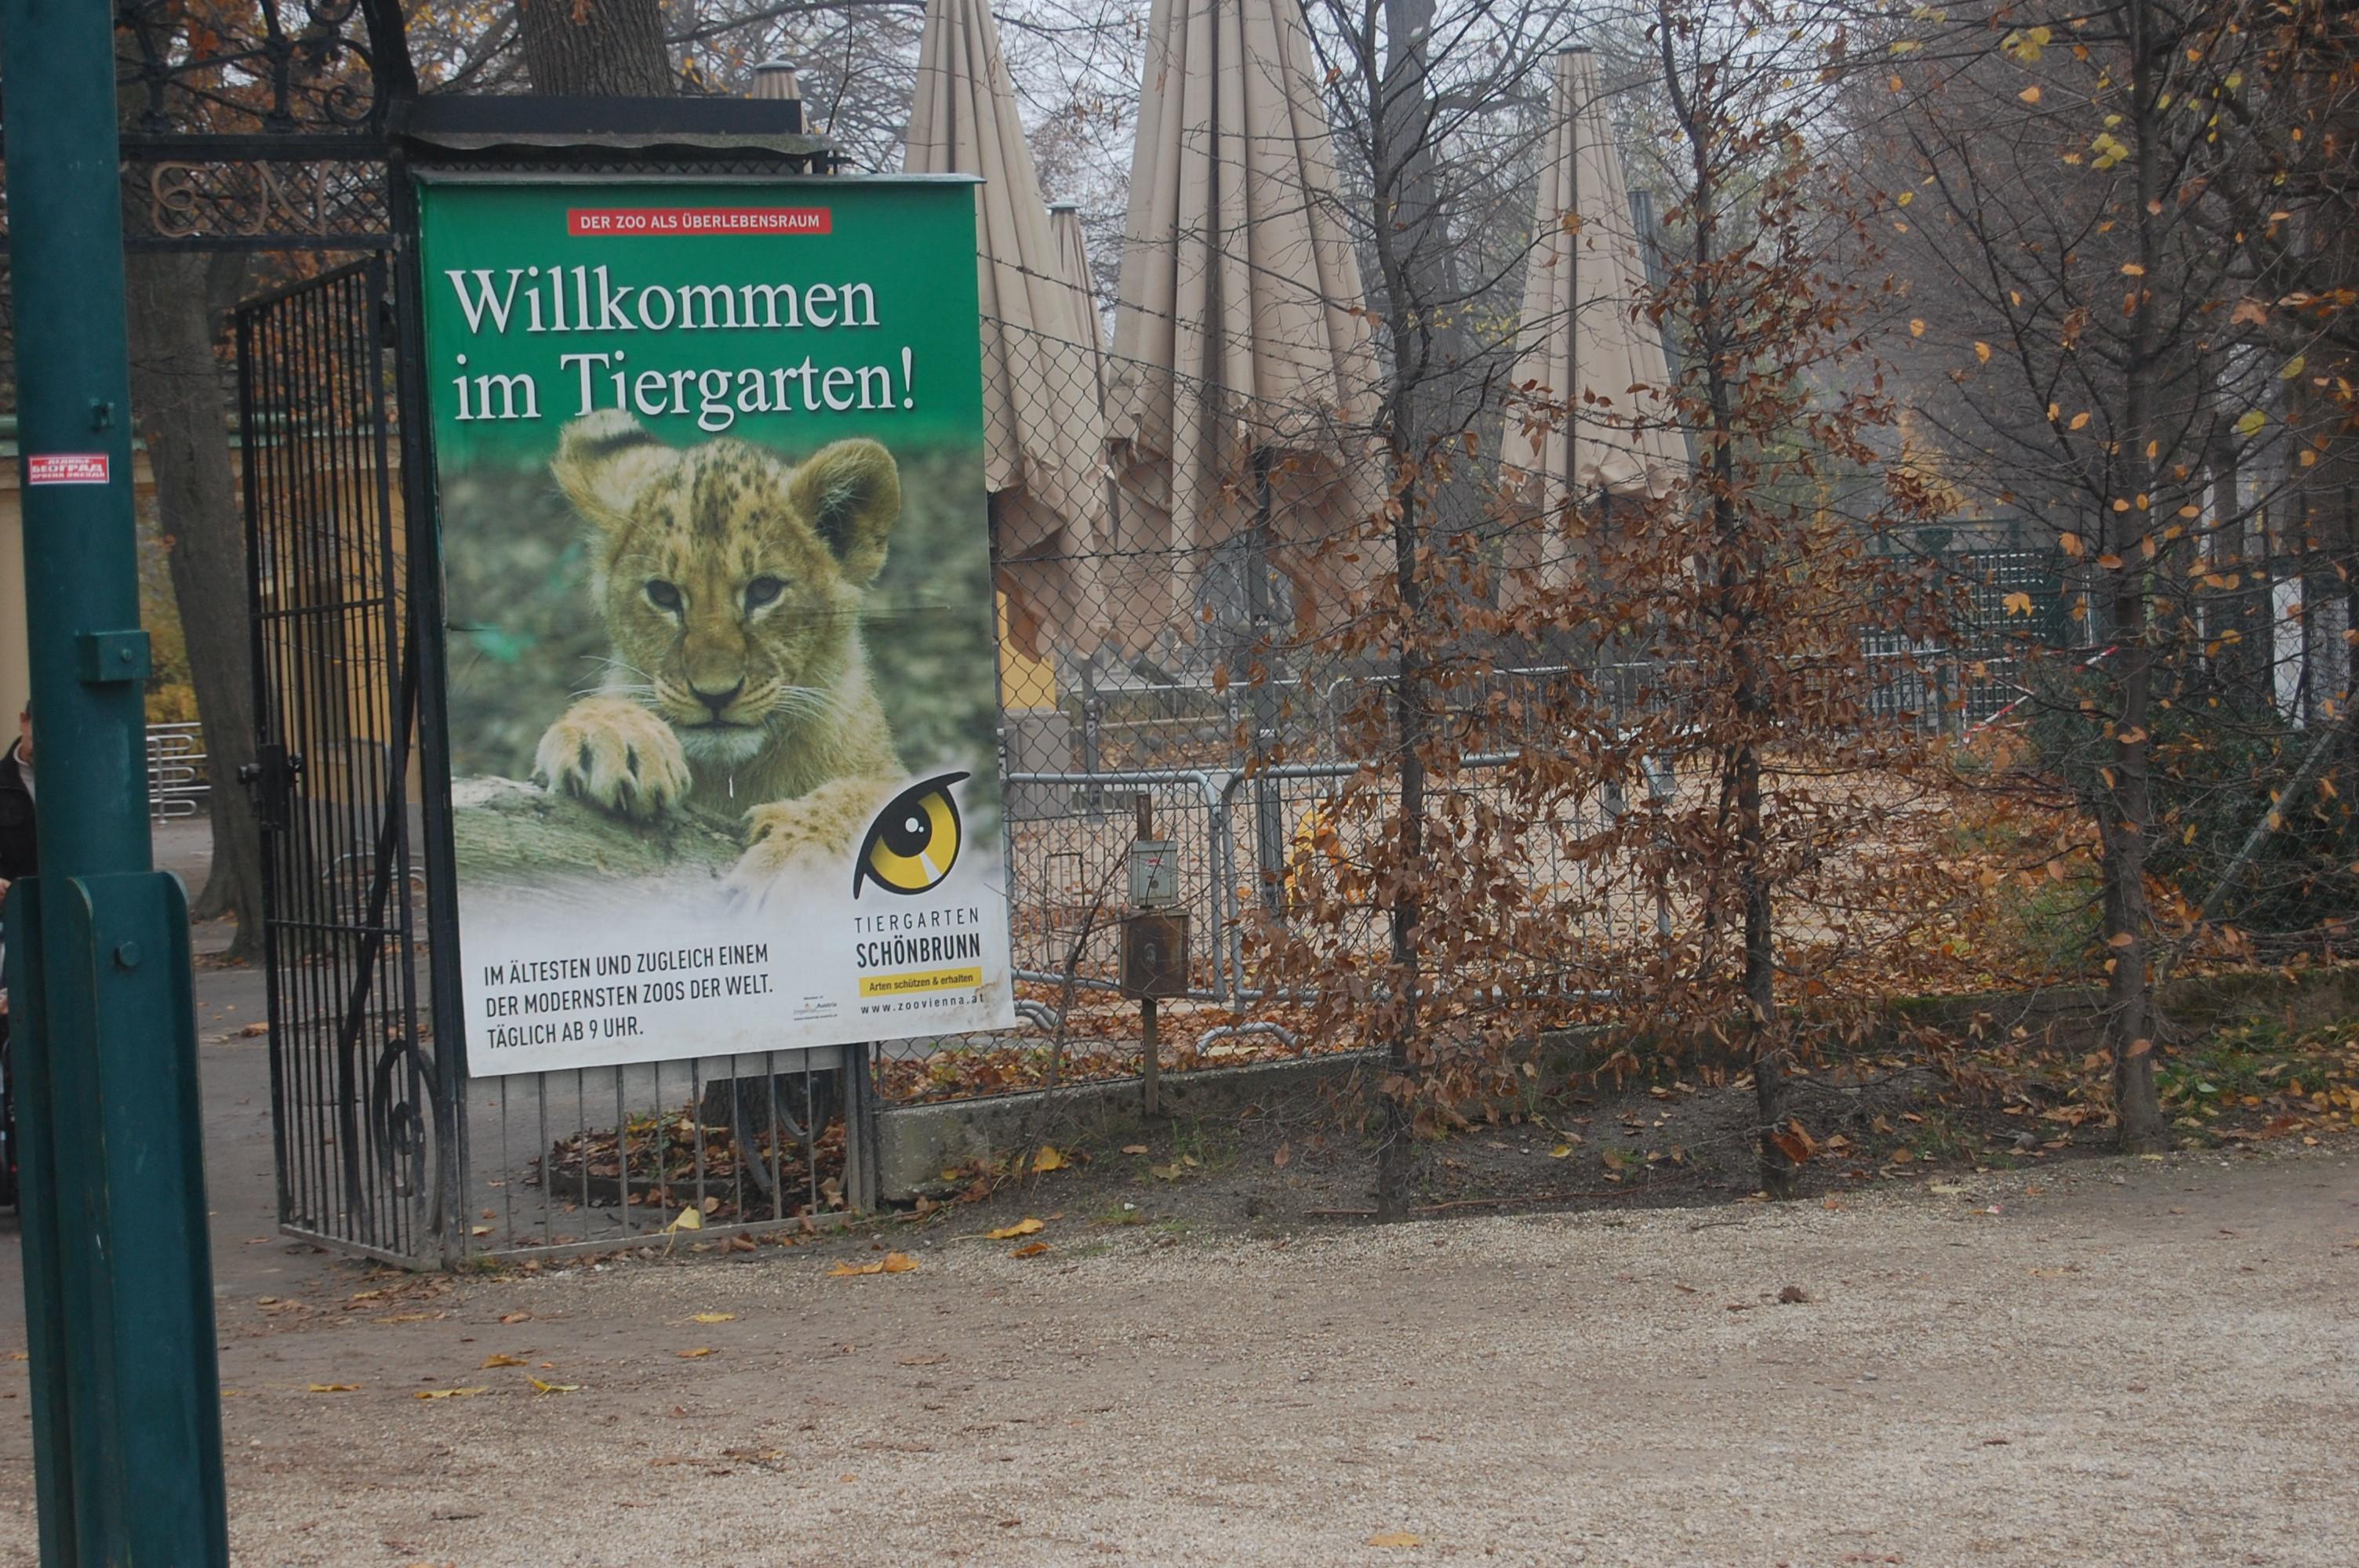 Tiergarten, el zoo más antiguo del mundo